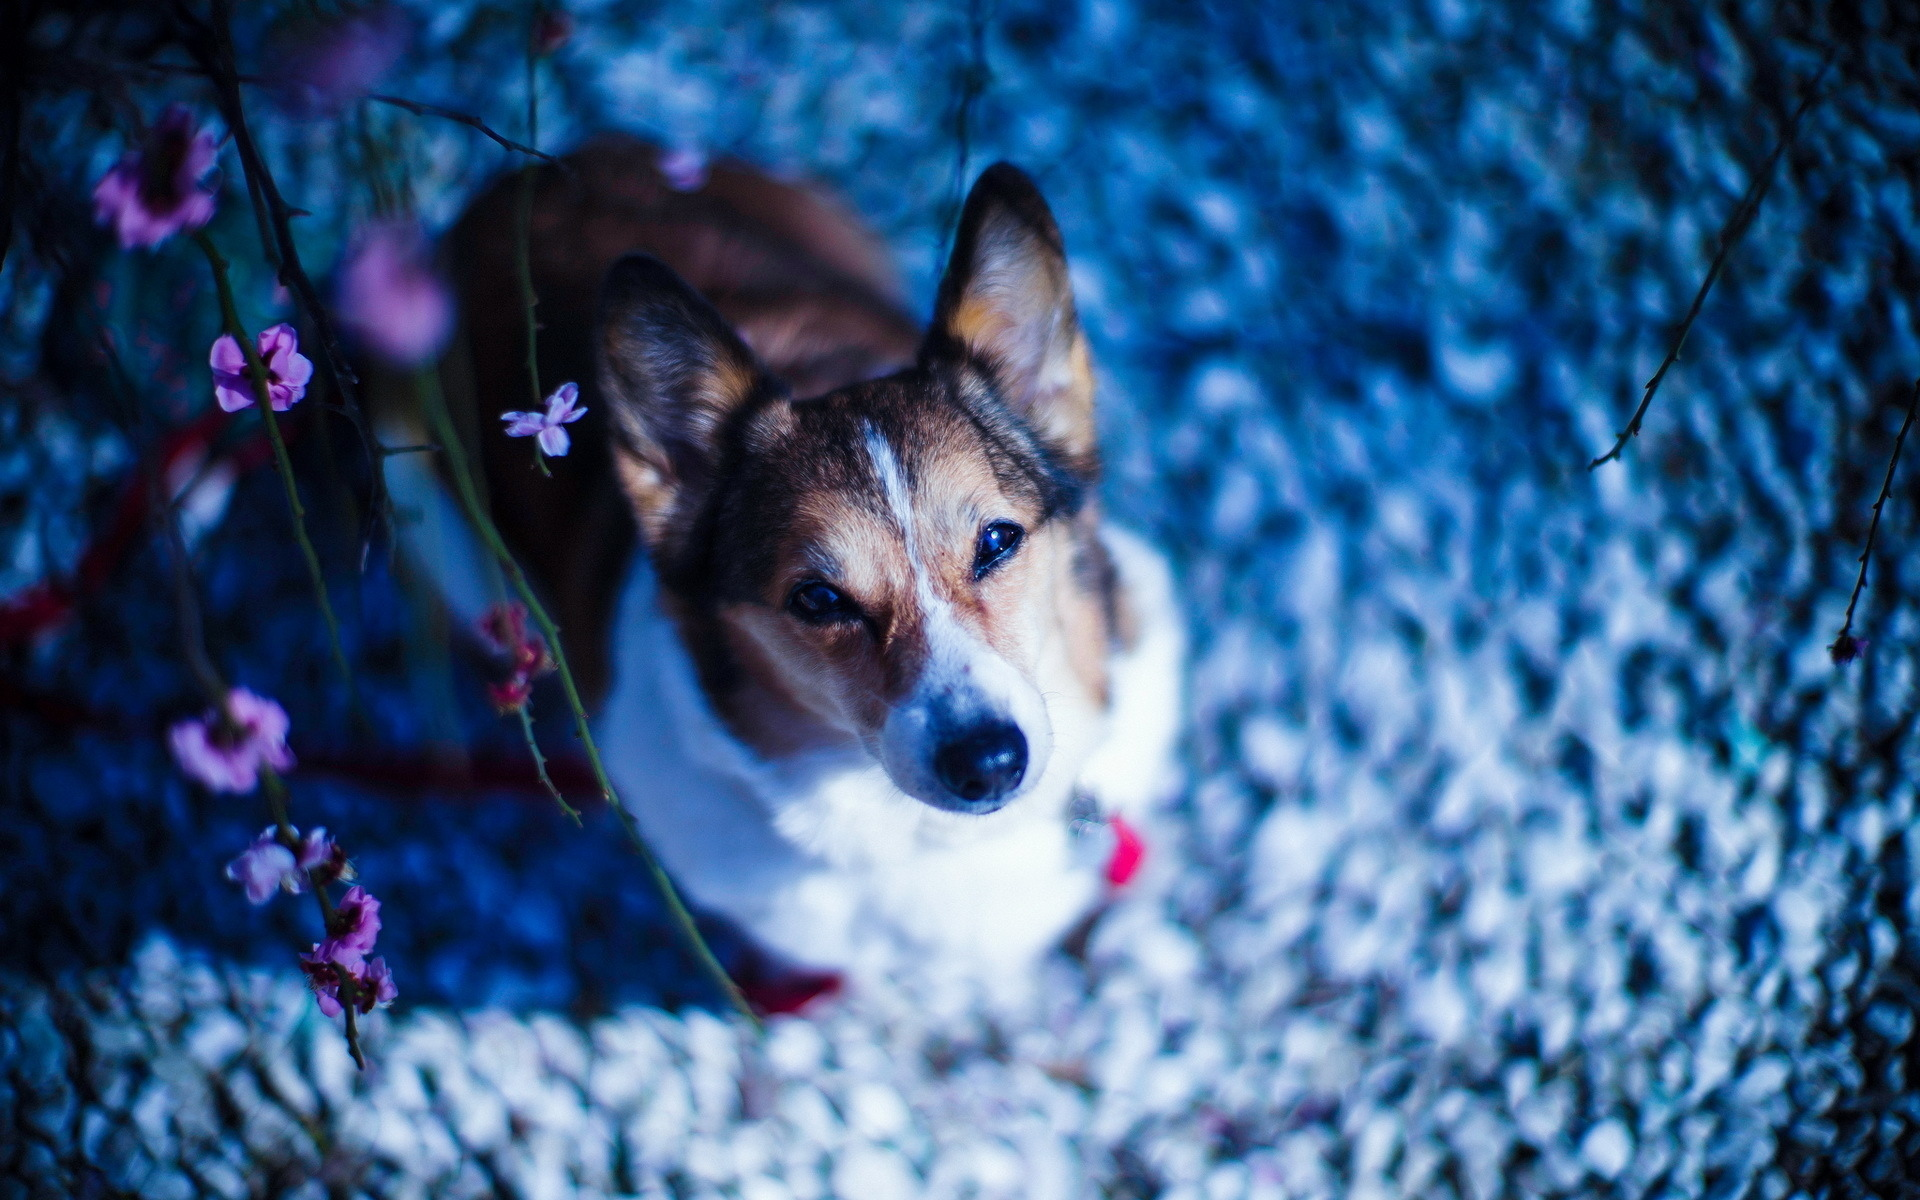 Символ 2018 года — Собака: красивые картинки, фото.